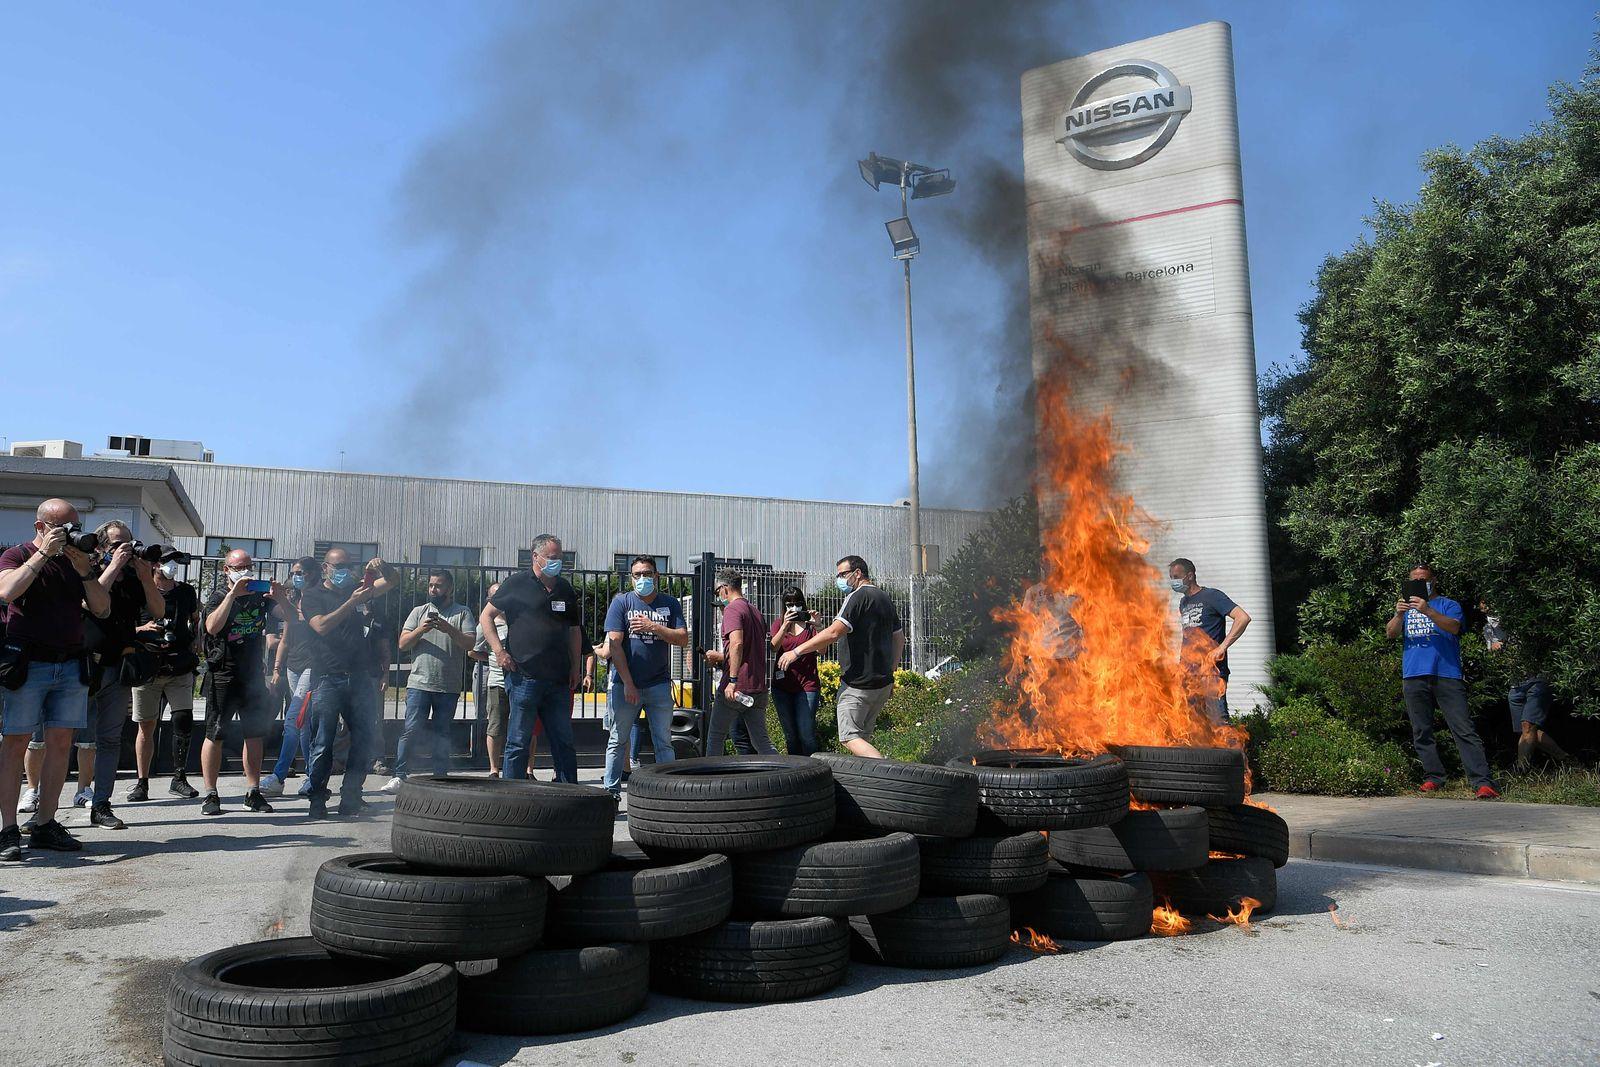 SPAIN-JAPAN-AUTOMOBILE-ECONOMY-LABOUR-PROTEST